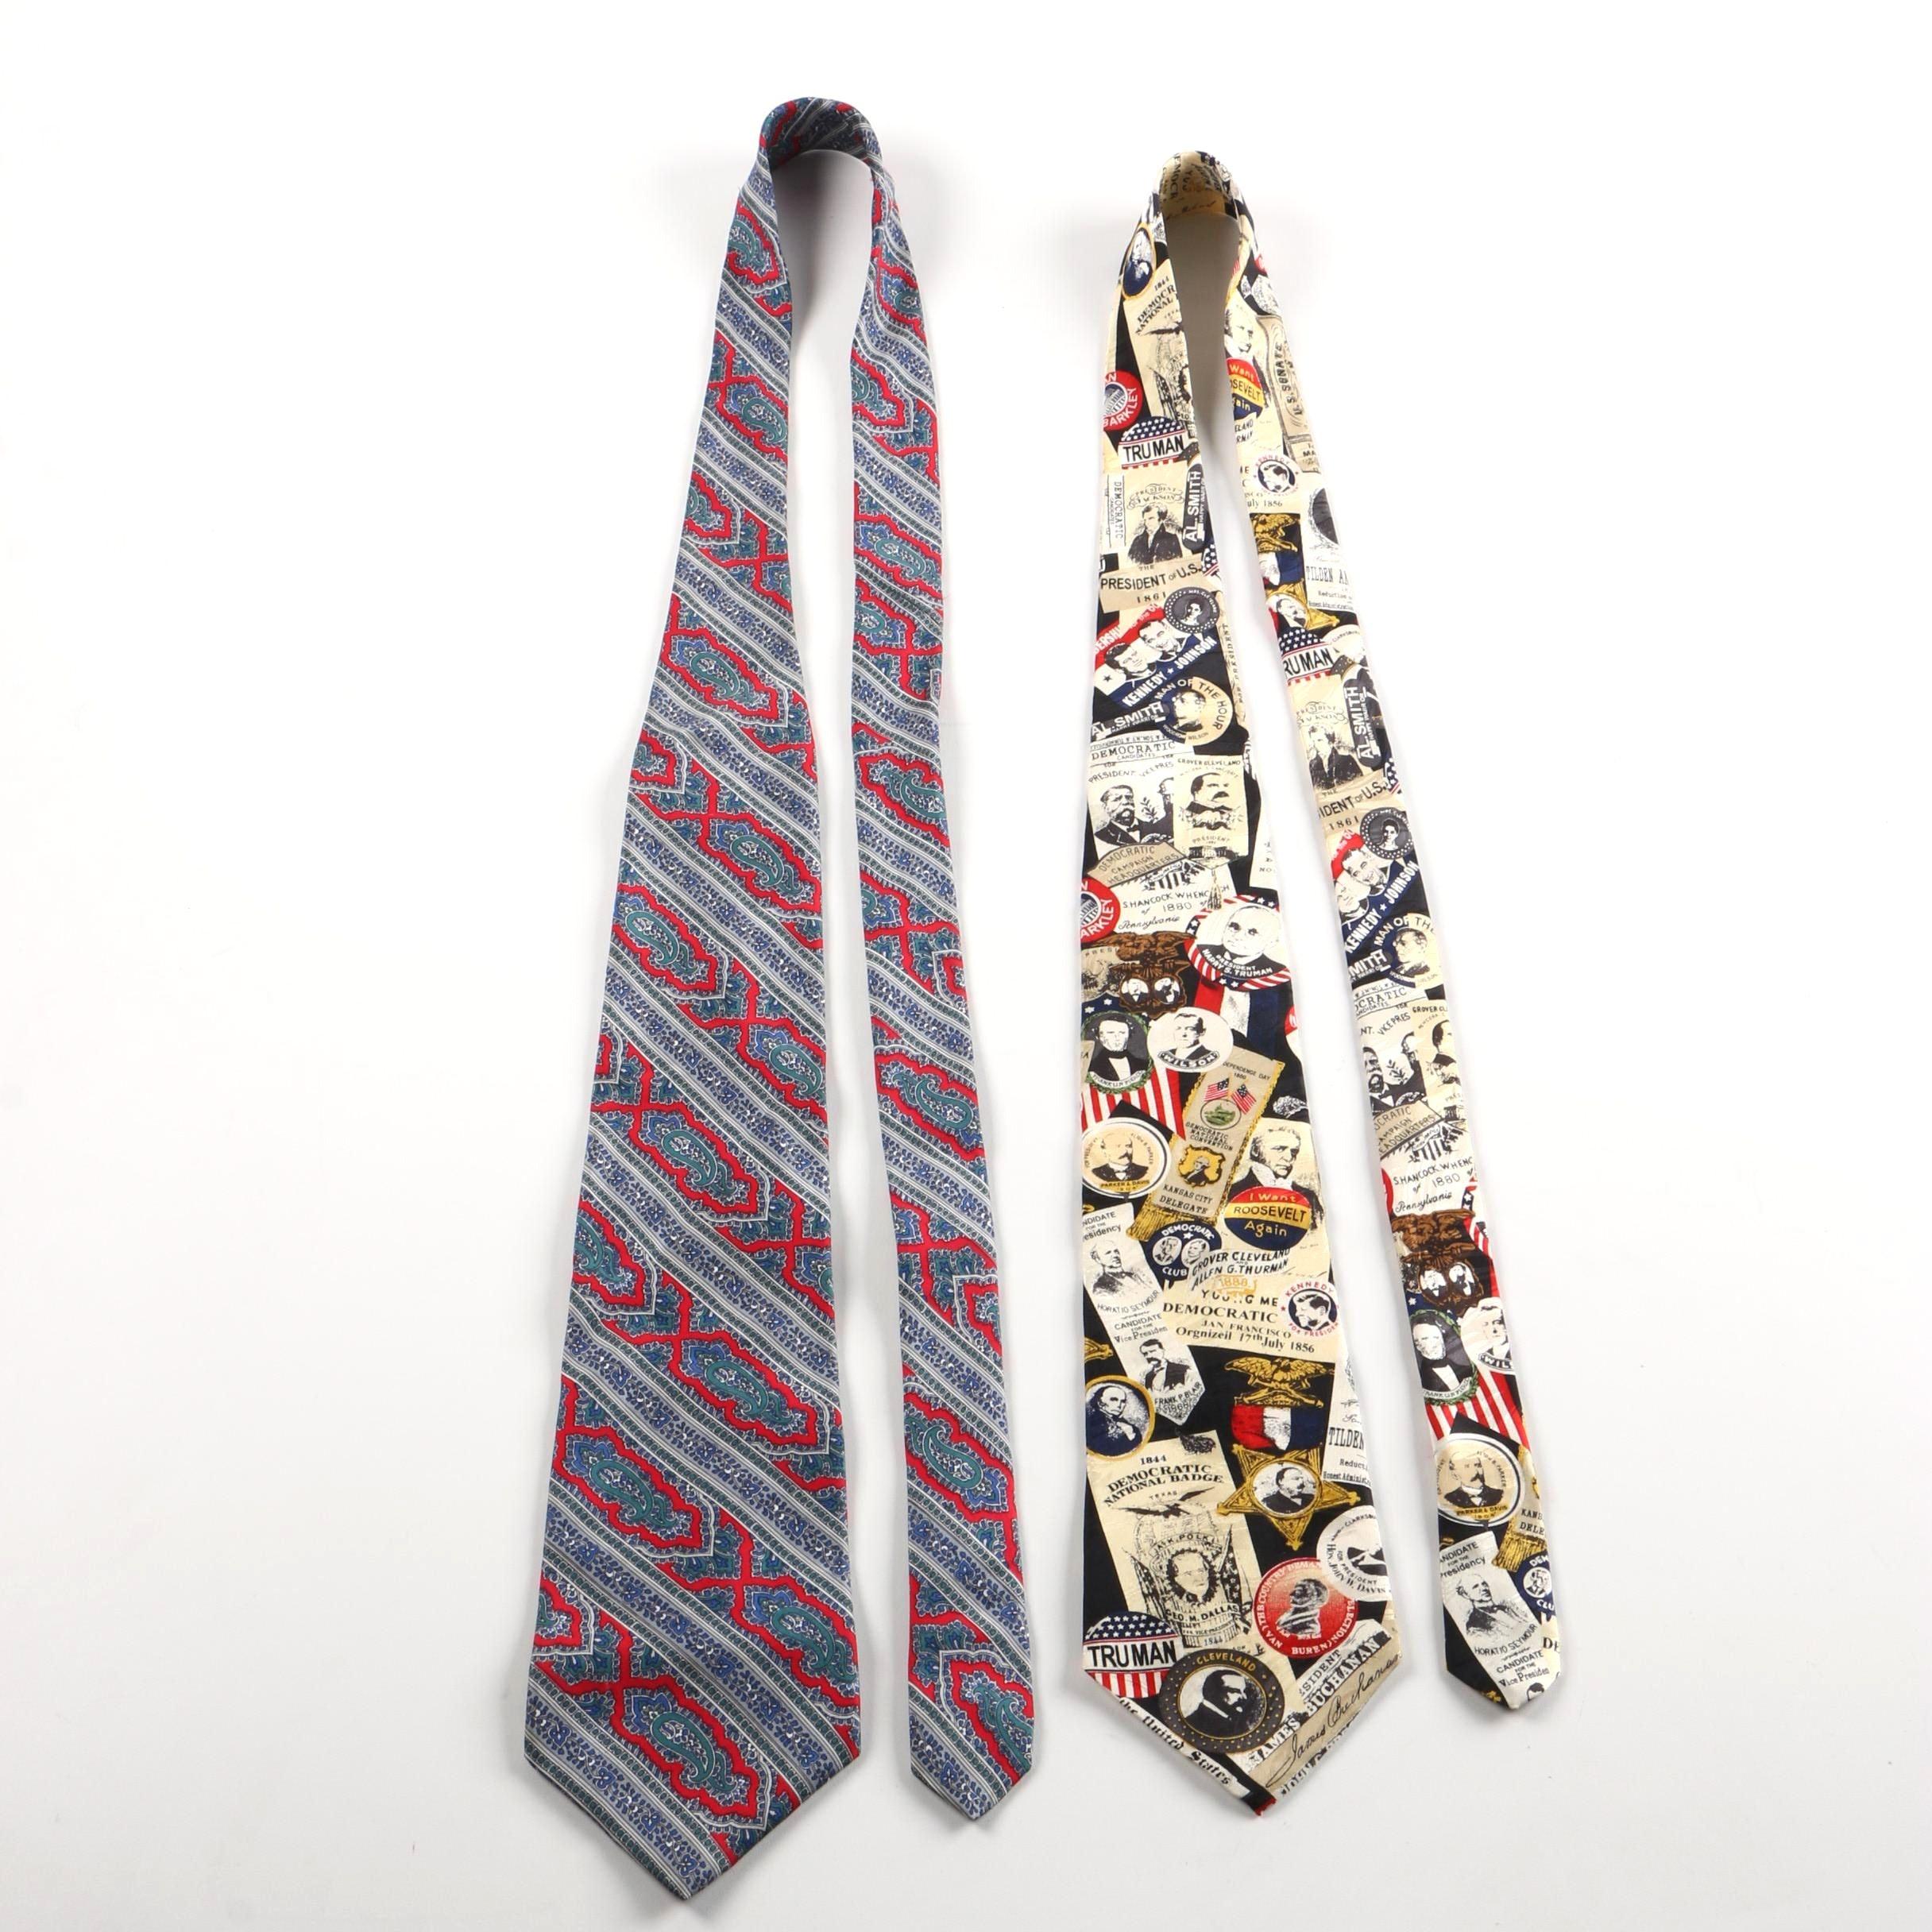 Pierre Cardin Silk Necktie with Museum Artifacts Tie